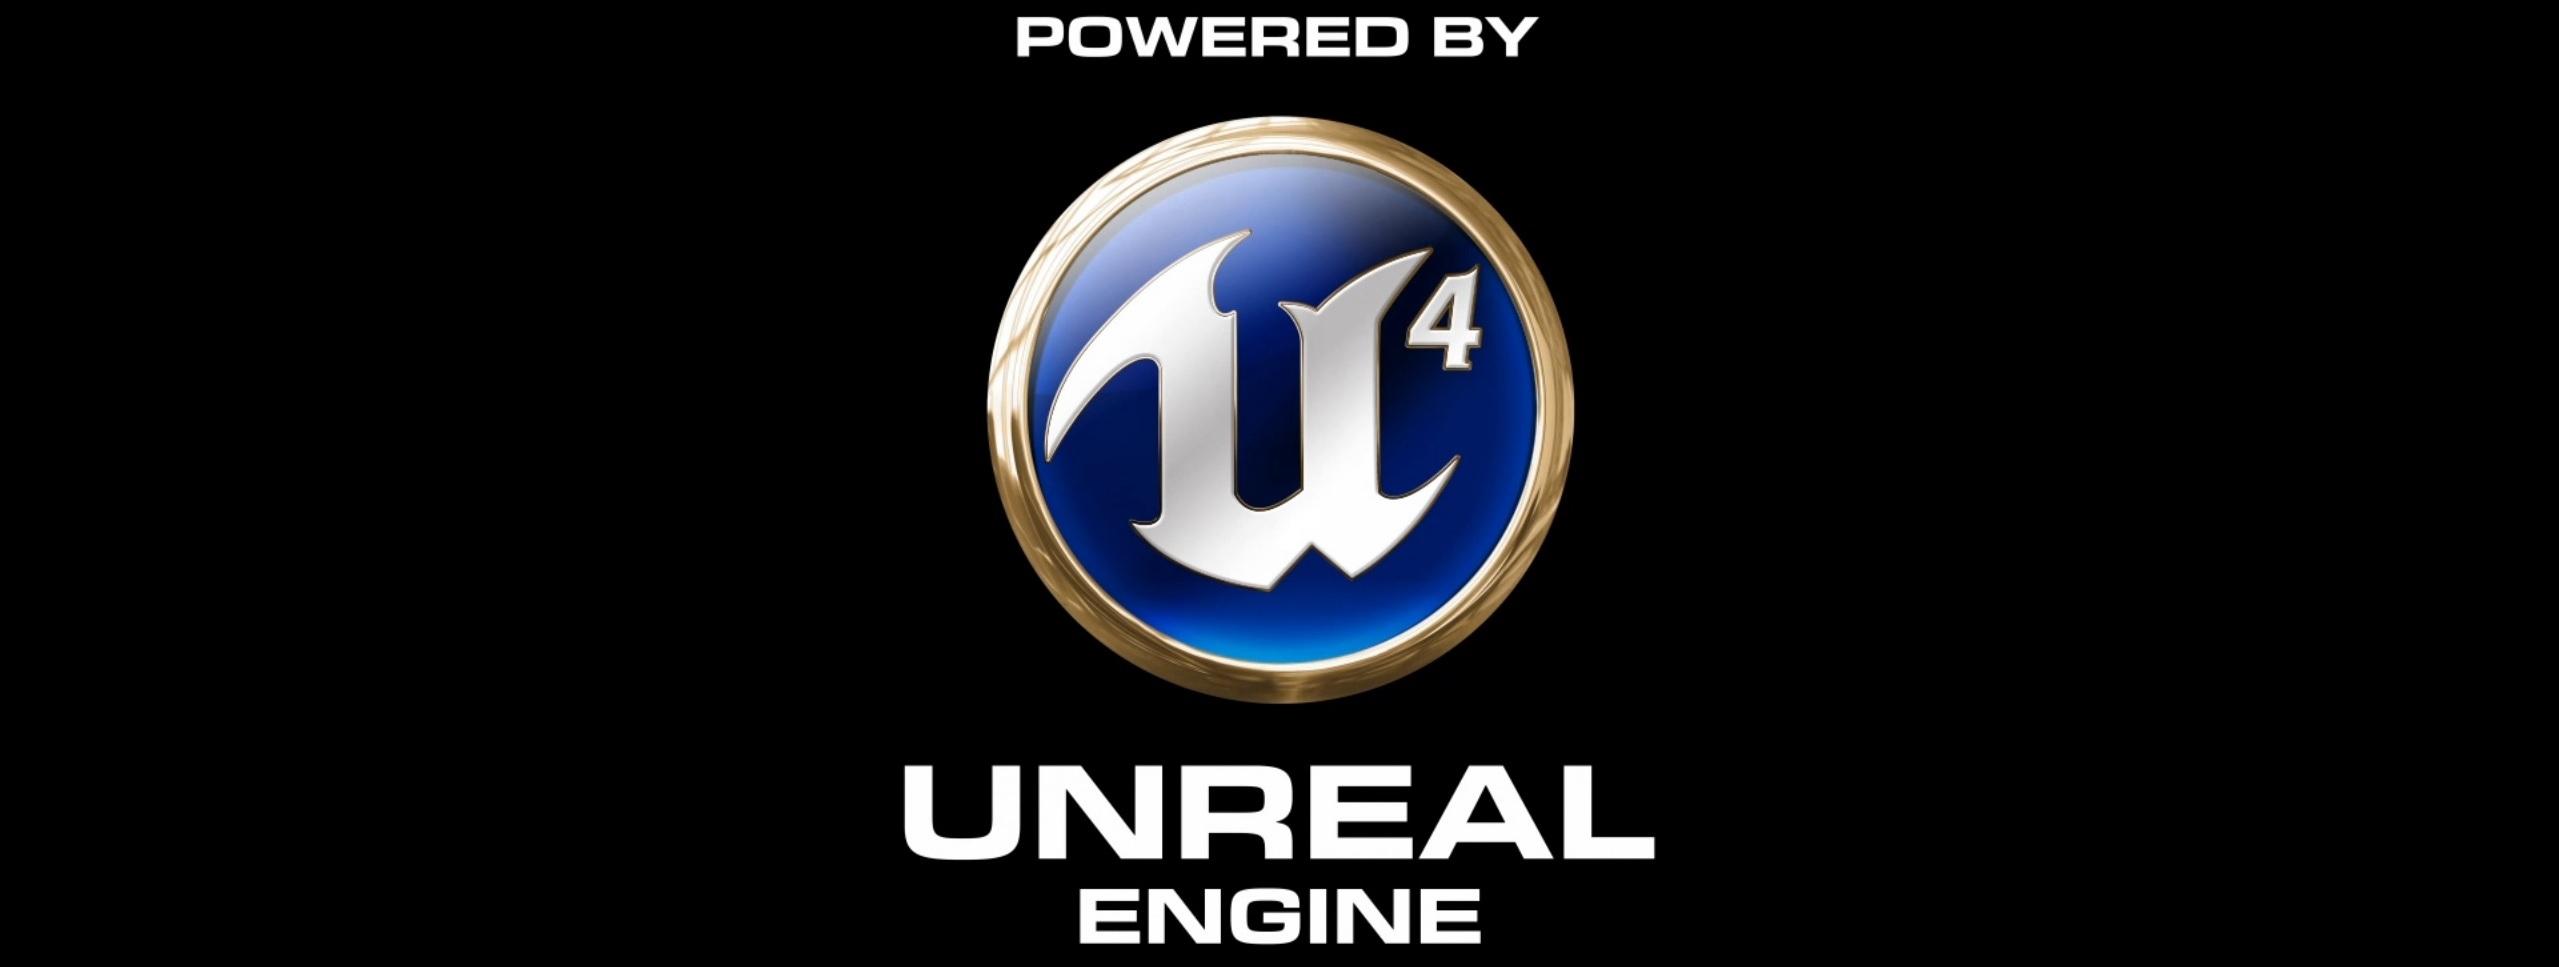 Klicken Sie auf die Grafik für eine größere Ansicht  Name:Unreal_Engine_4_Sammelthread_Banner.jpg Hits:966 Größe:136,5 KB ID:834141